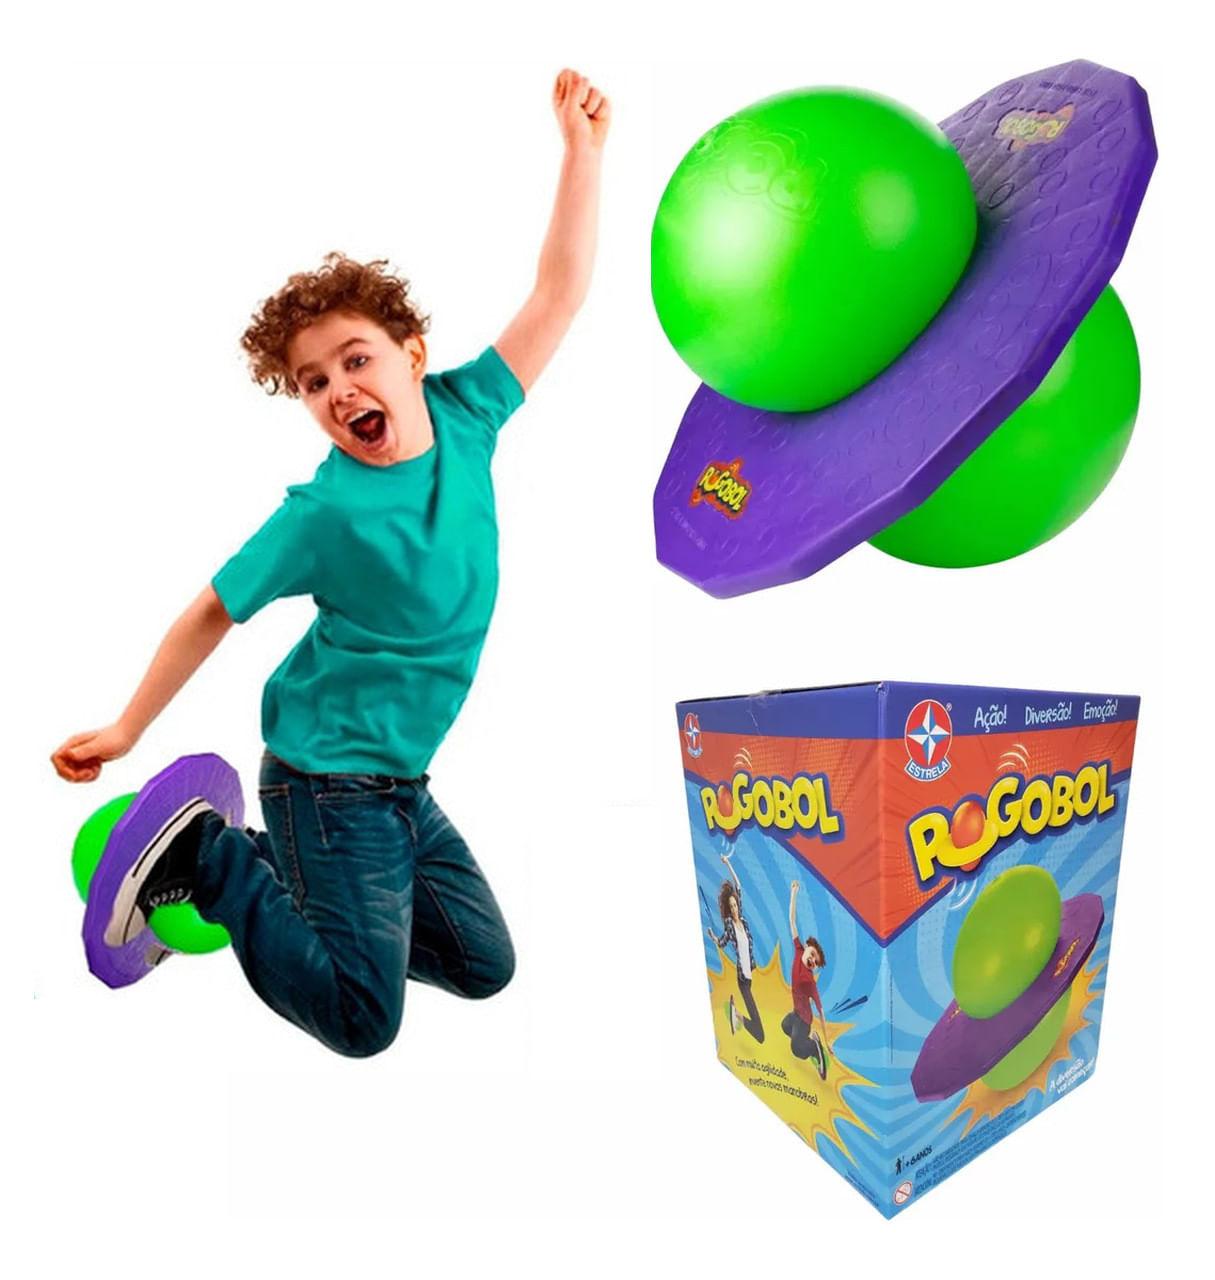 Brinquedo Pogobol - Roxo e Verde - Original Estrela